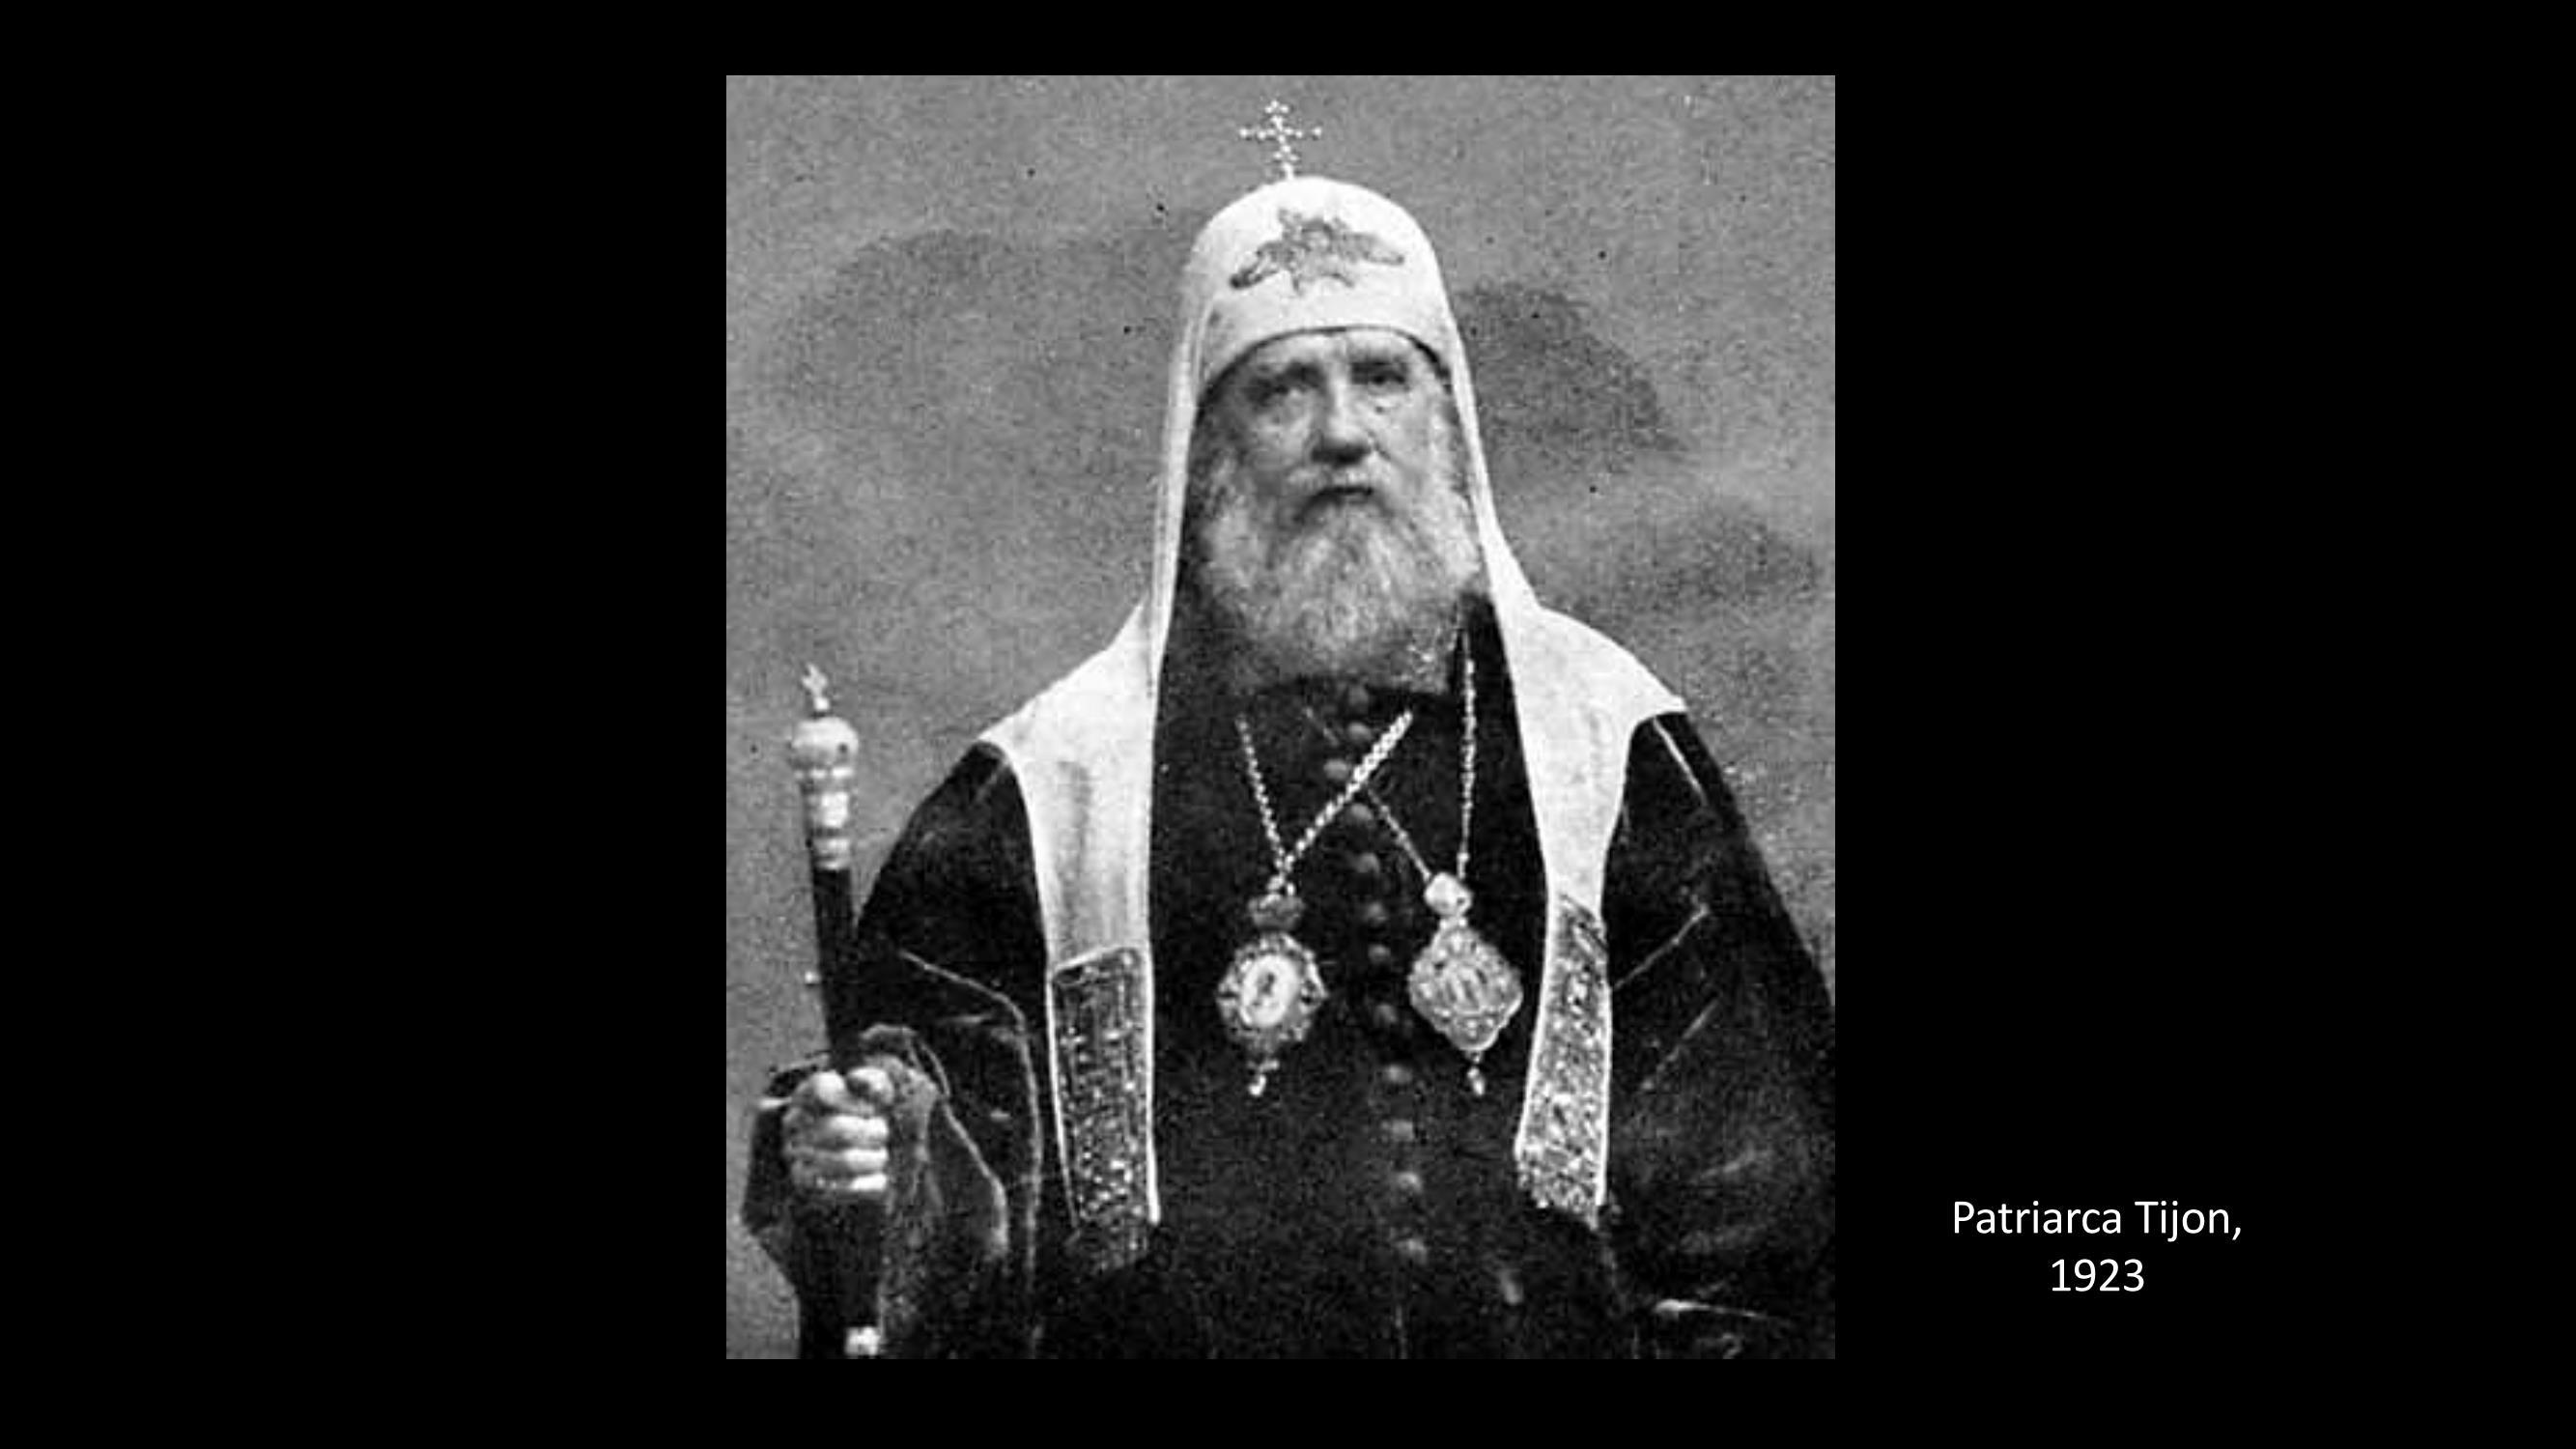 [35] Patriarca Tirron, 1923